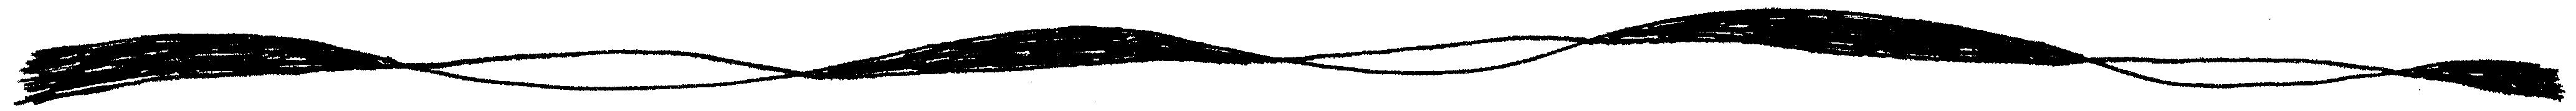 文章を区切るライン